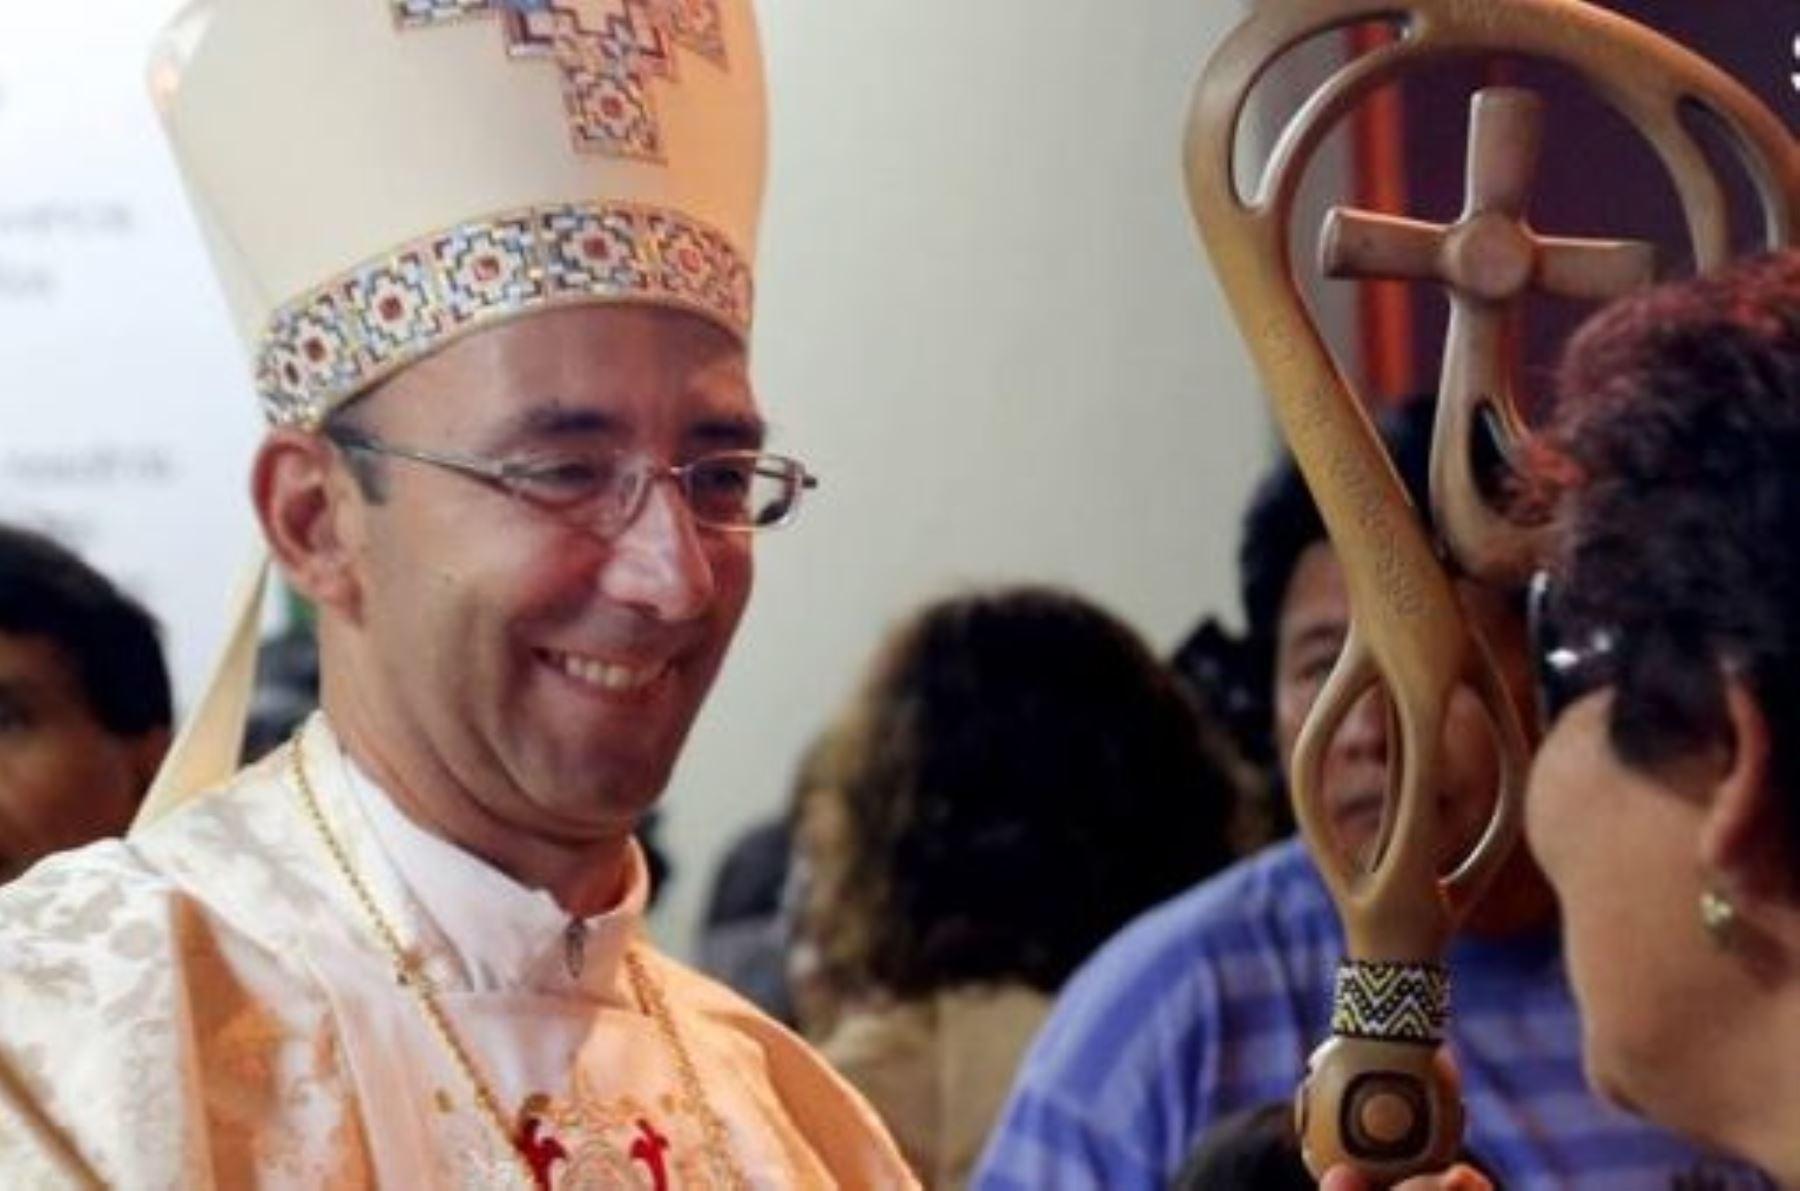 Obispo del Vicariato Apostólico de Puerto Maldonado, David Martínez de Aguirre Guinea.Foto: Internet